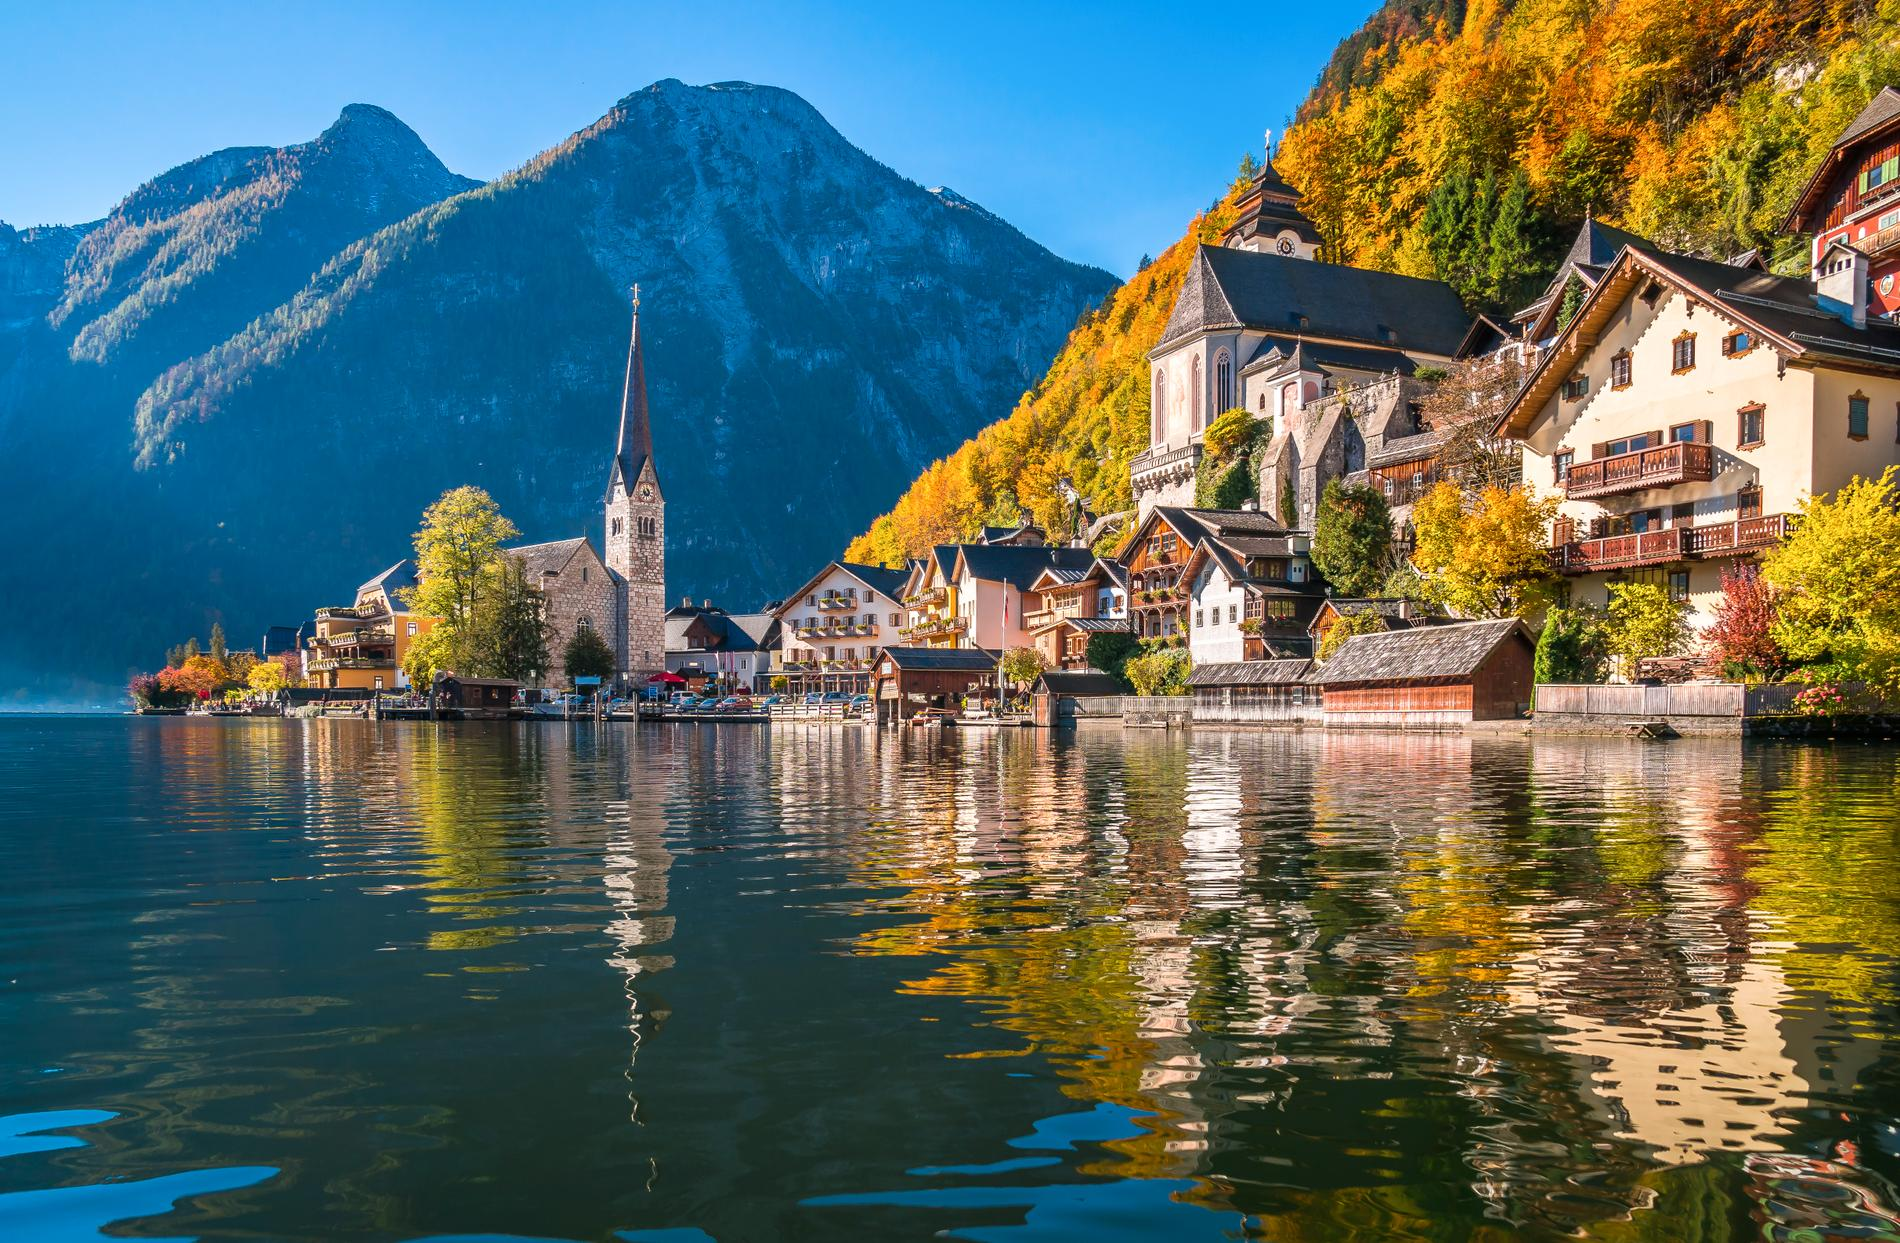 Är det här världens vackraste by?